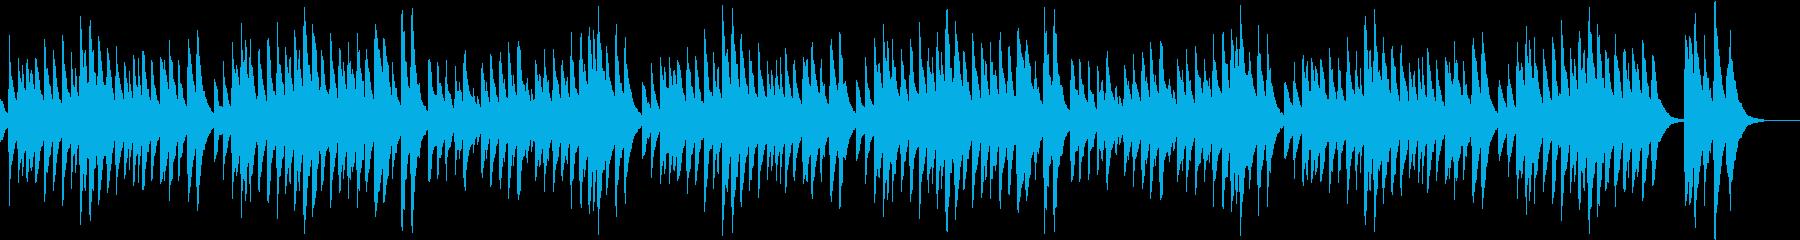 定番クリスマスソングのオルゴールAの再生済みの波形